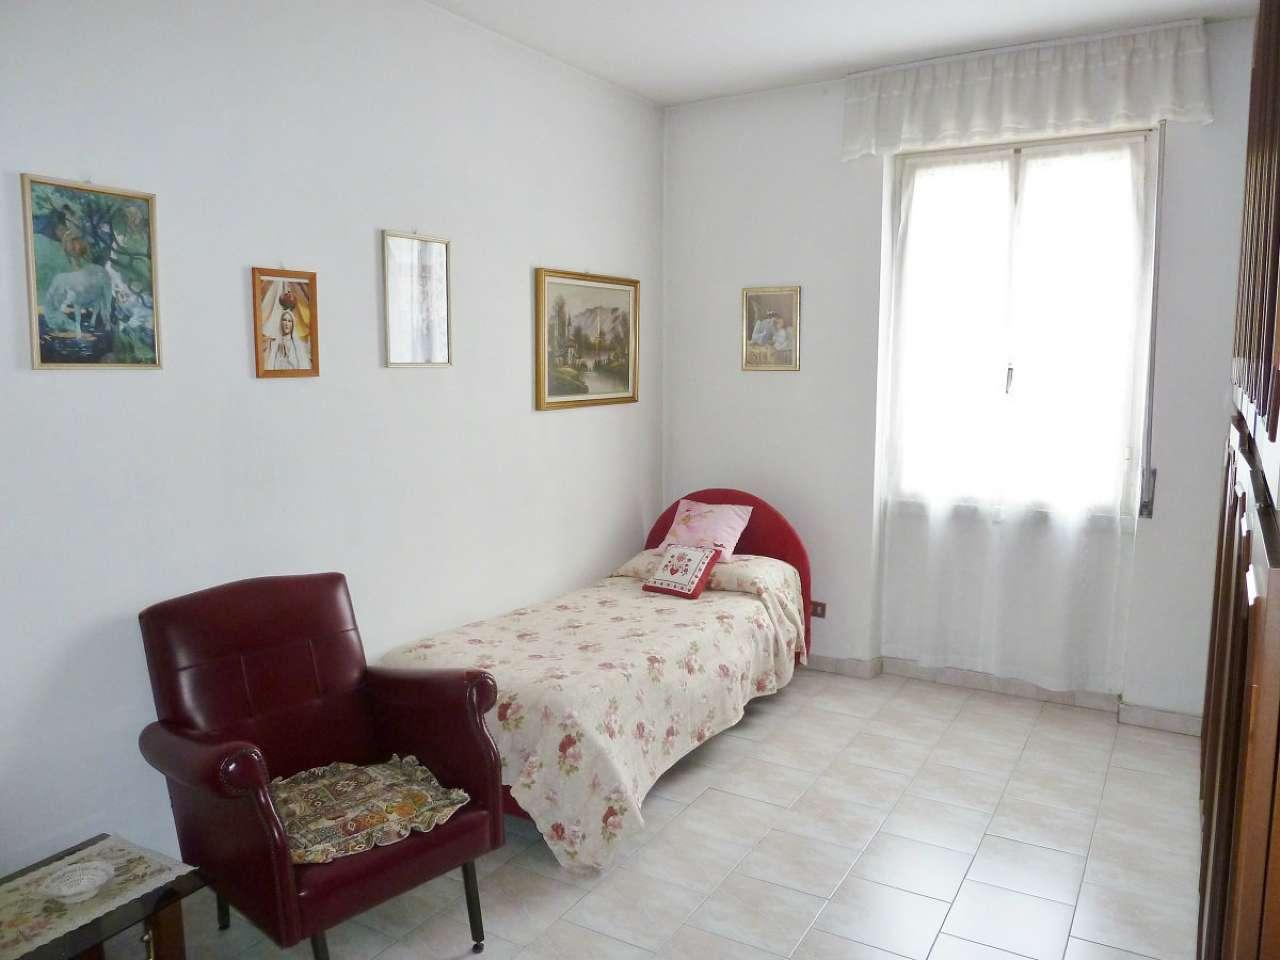 Appartamento in vendita a Senago, 2 locali, prezzo € 39.000 | CambioCasa.it